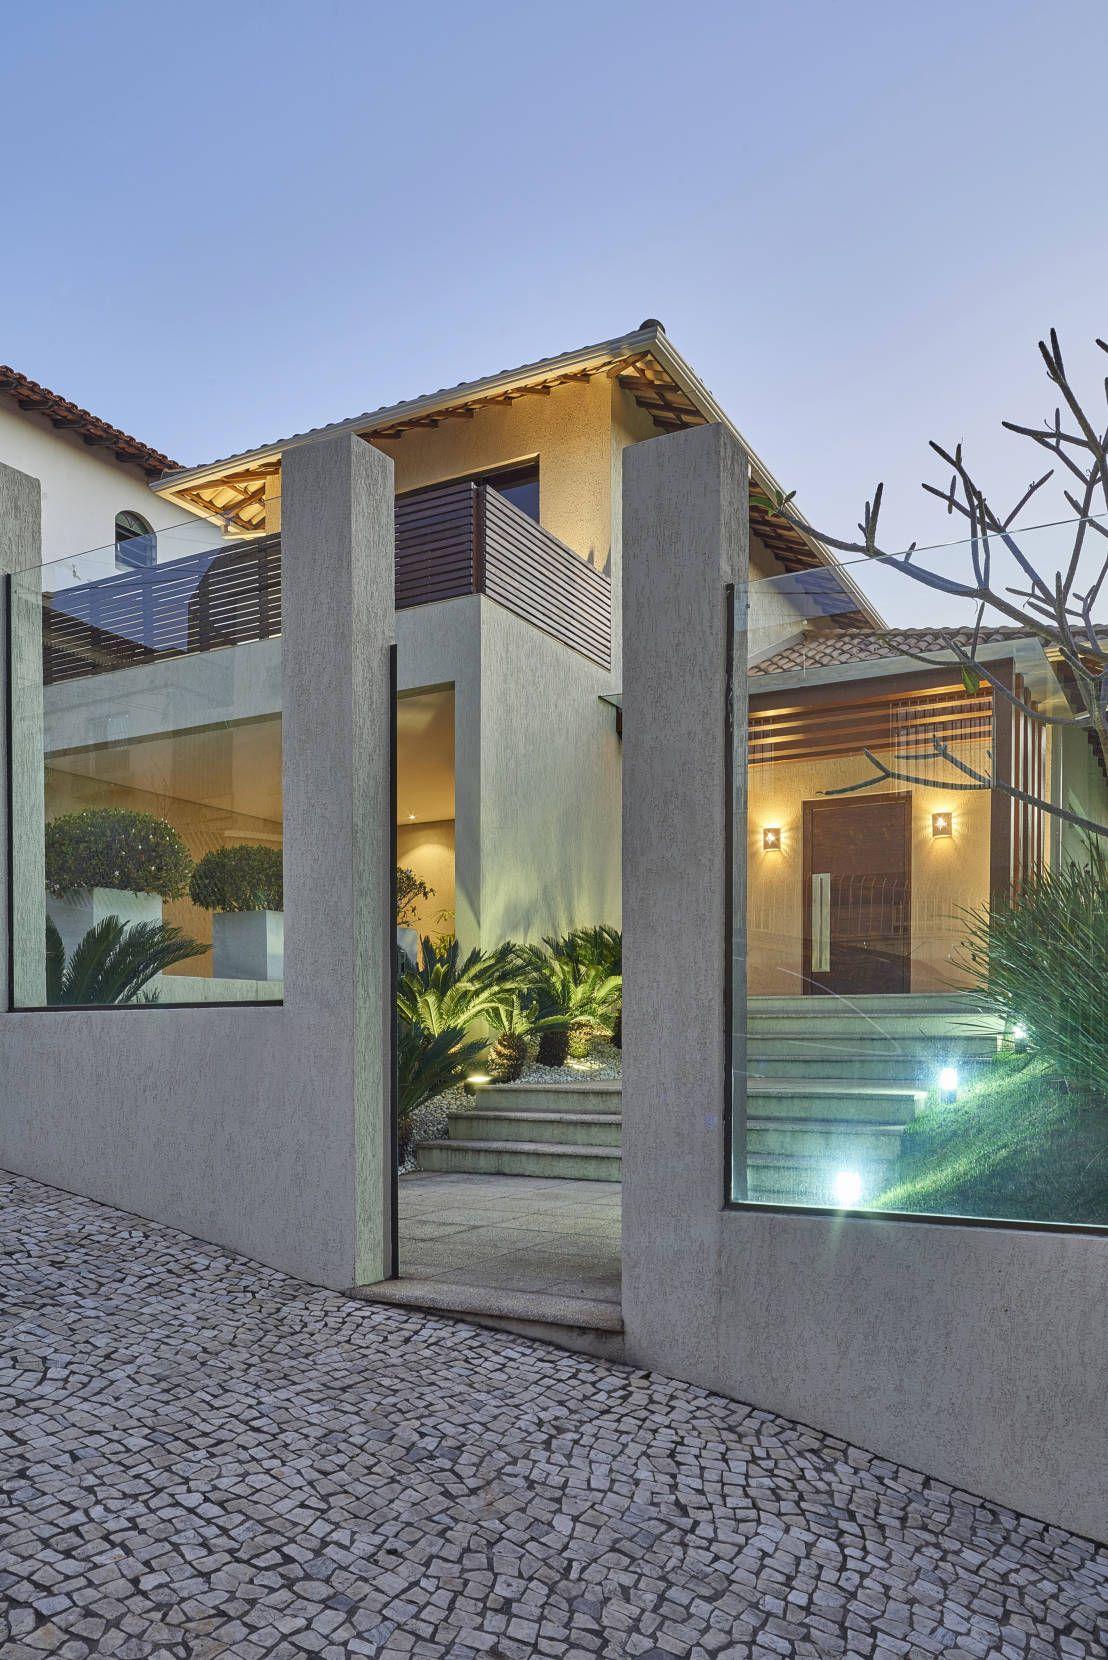 nett von au en gro artig von innen luxuri ses wohnen wohnen und moderne h user. Black Bedroom Furniture Sets. Home Design Ideas